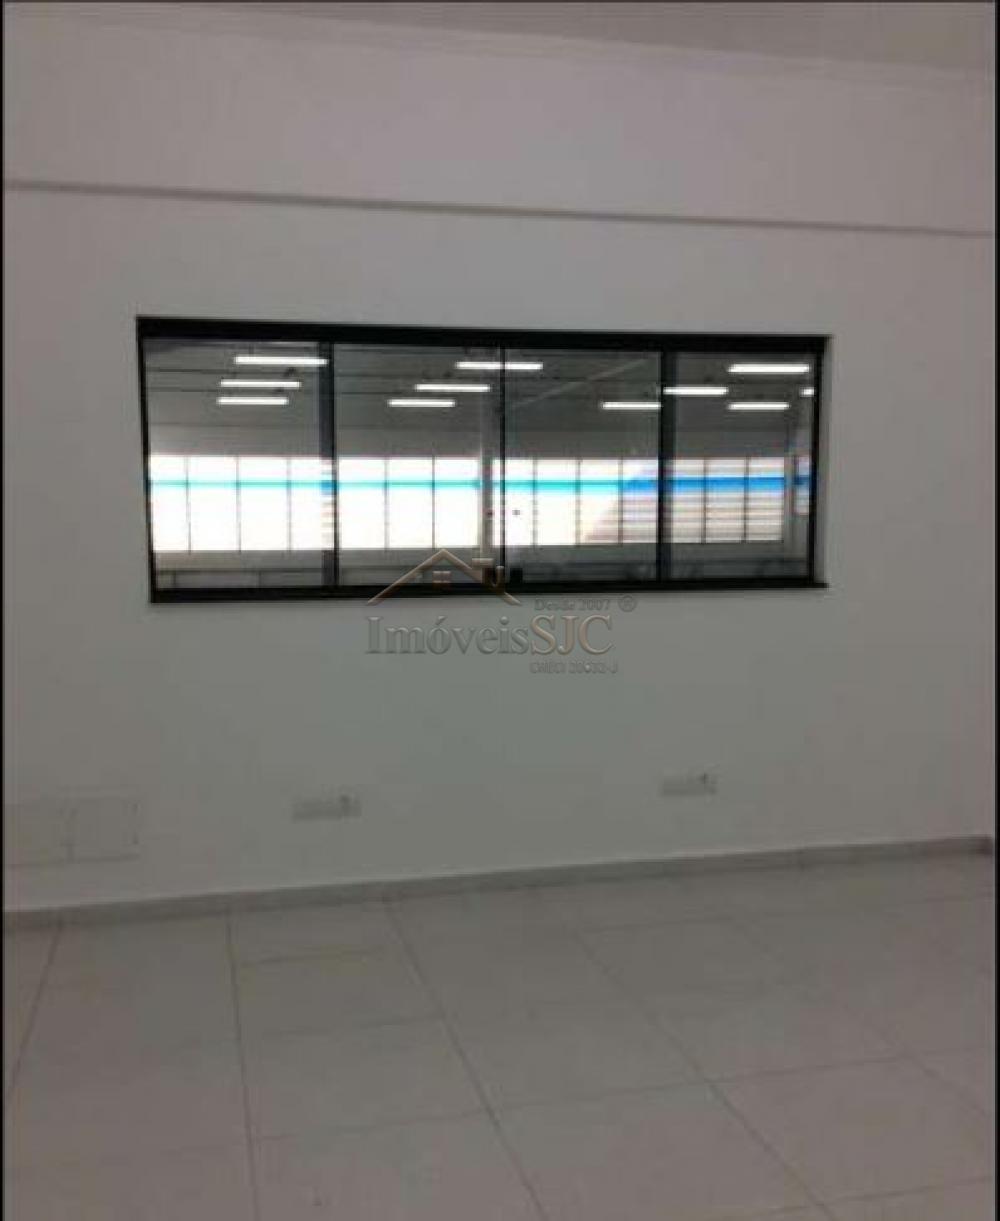 Alugar Comerciais / Galpão Condomínio em Jacareí apenas R$ 12.000,00 - Foto 14